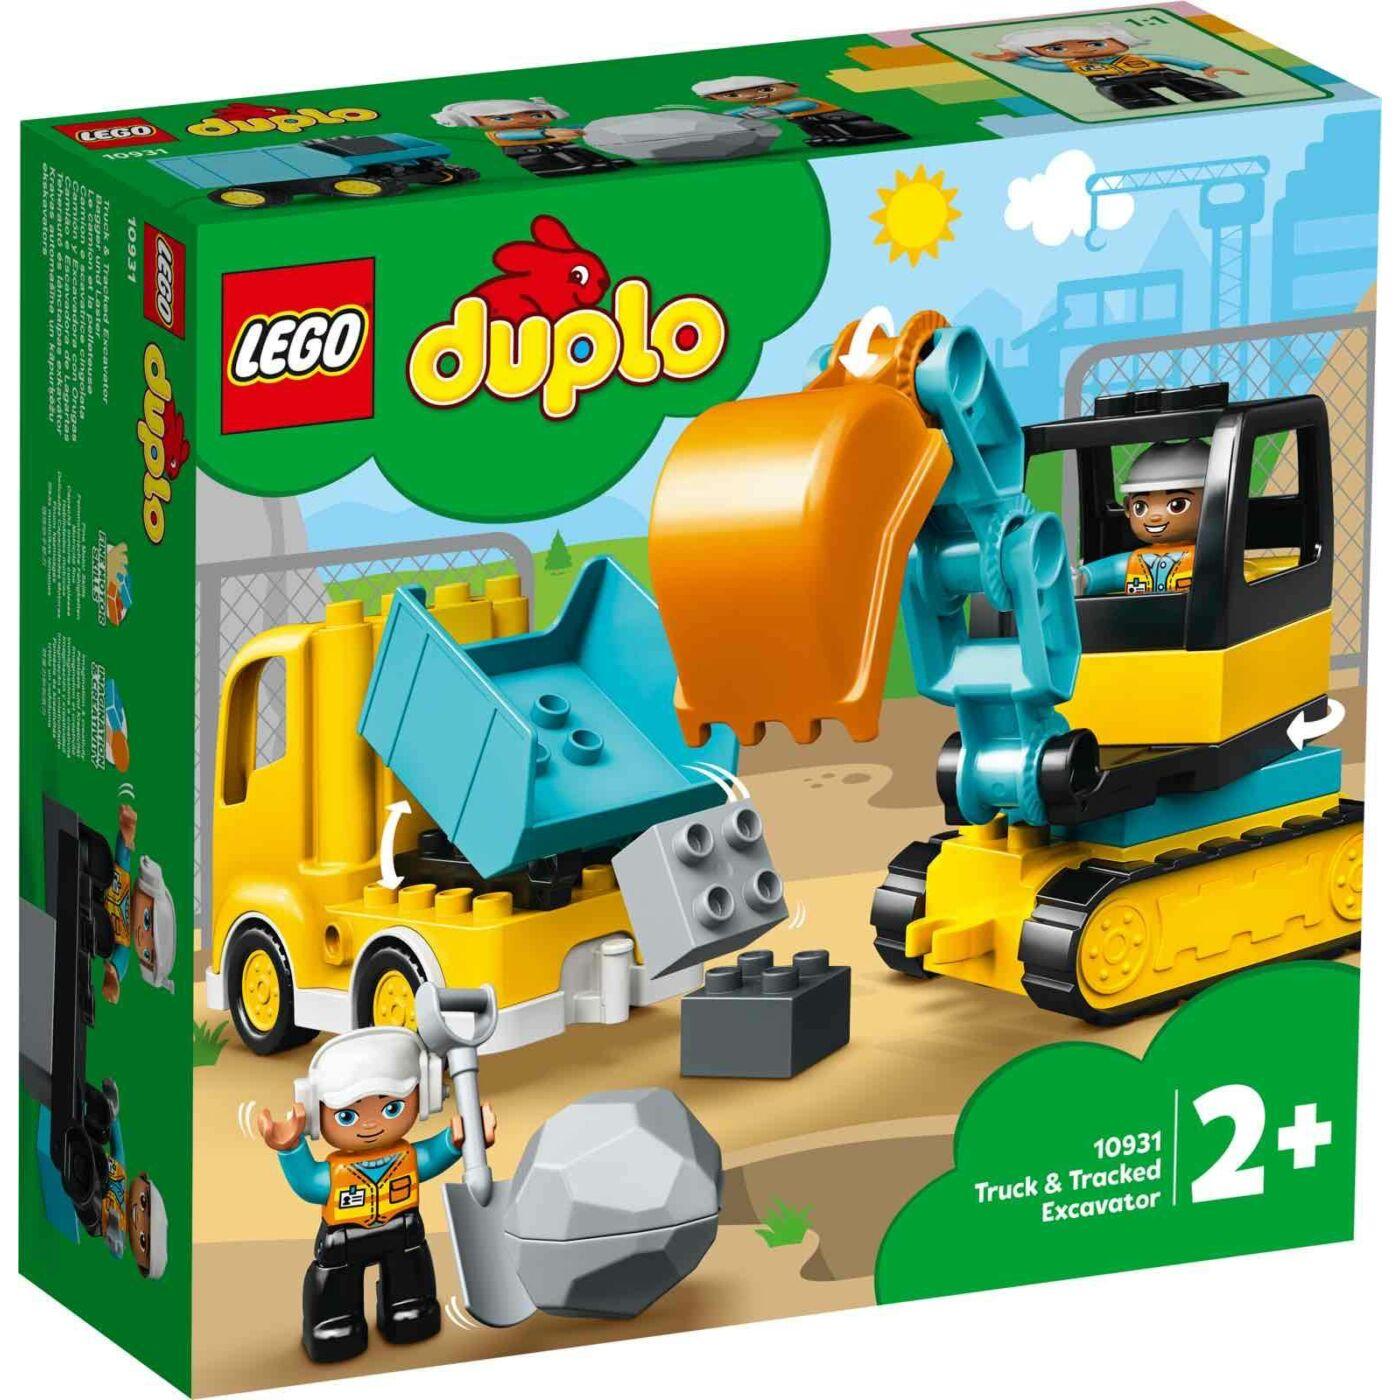 Lego Duplo Teherautó és lánctalpas exkavátor